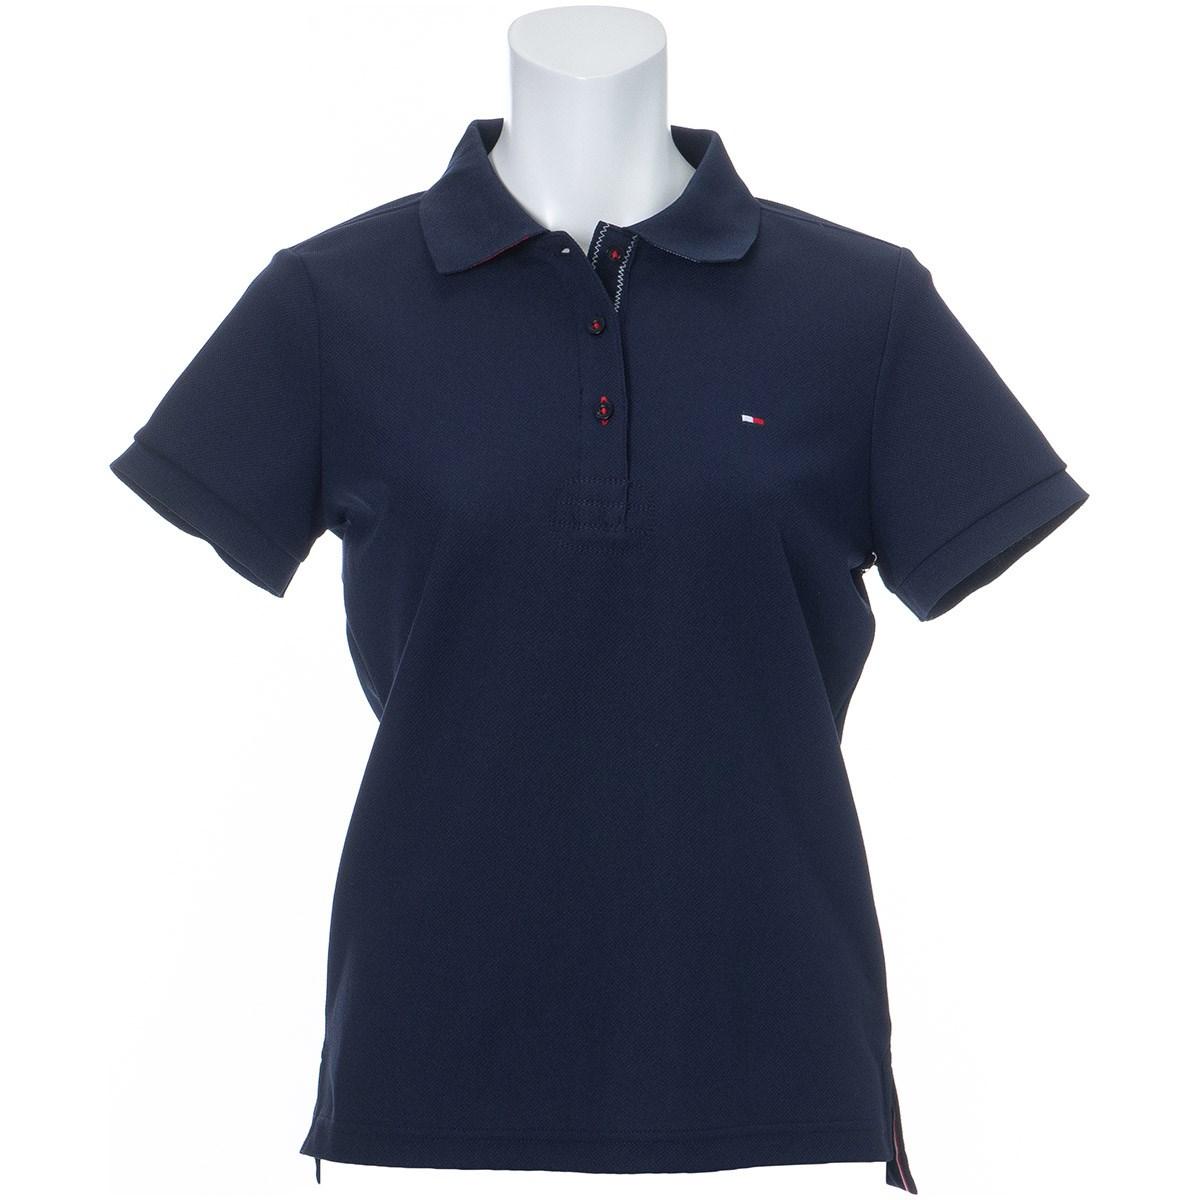 トミー ヒルフィガー ゴルフ TOMMY HILFIGER GOLF ベーシックフラッグ 半袖ポロシャツ M ネイビー レディス